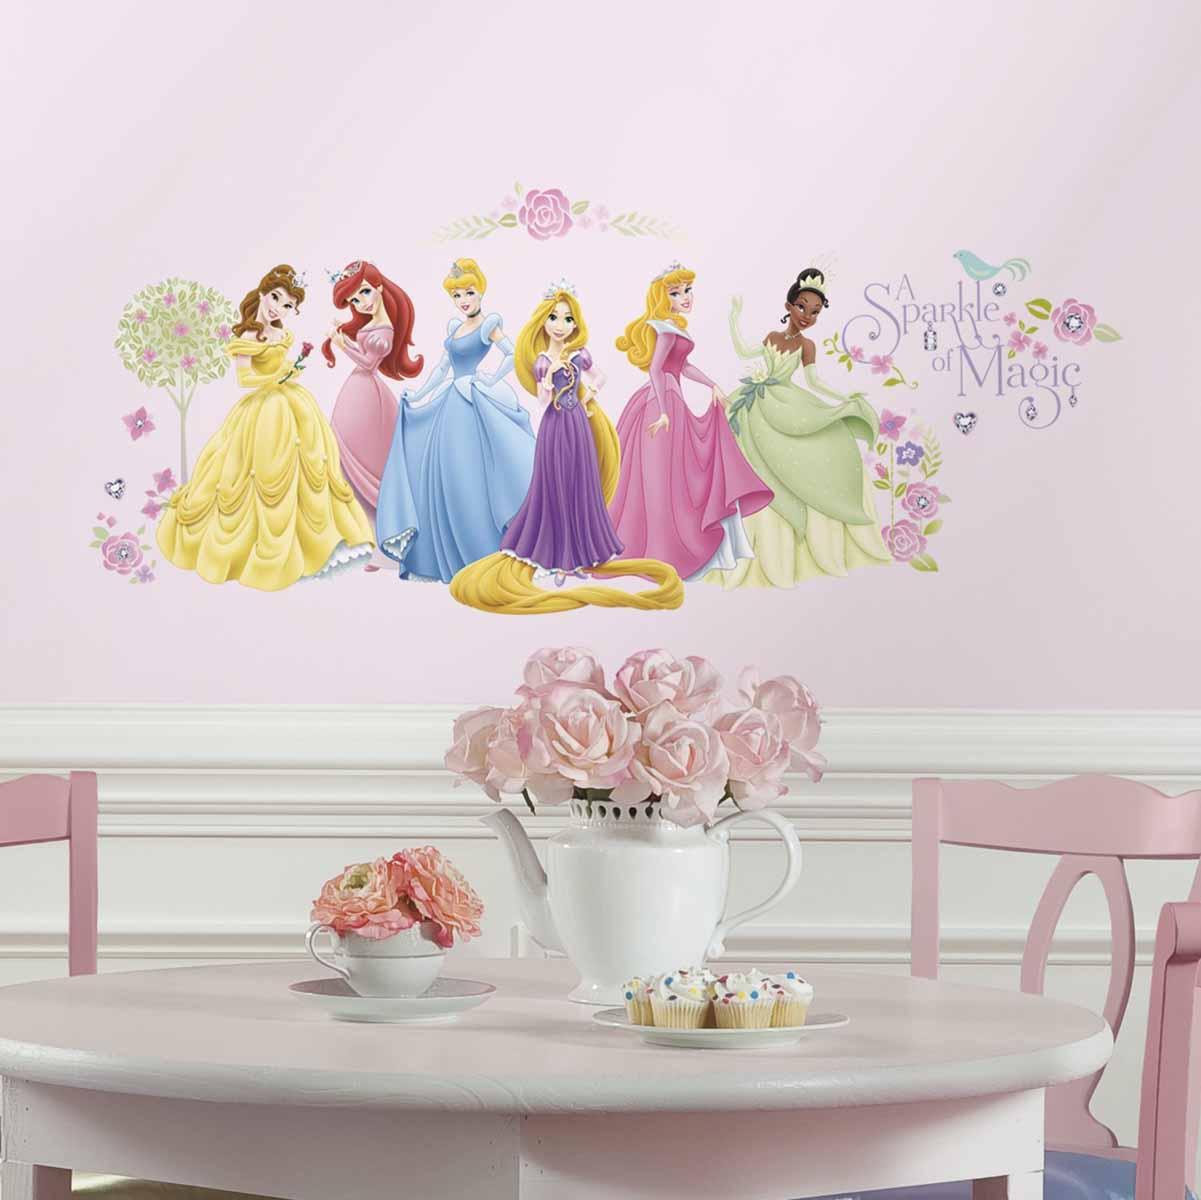 RoomMates Наклейки для декора Дисней Принцессы -  Детская комната